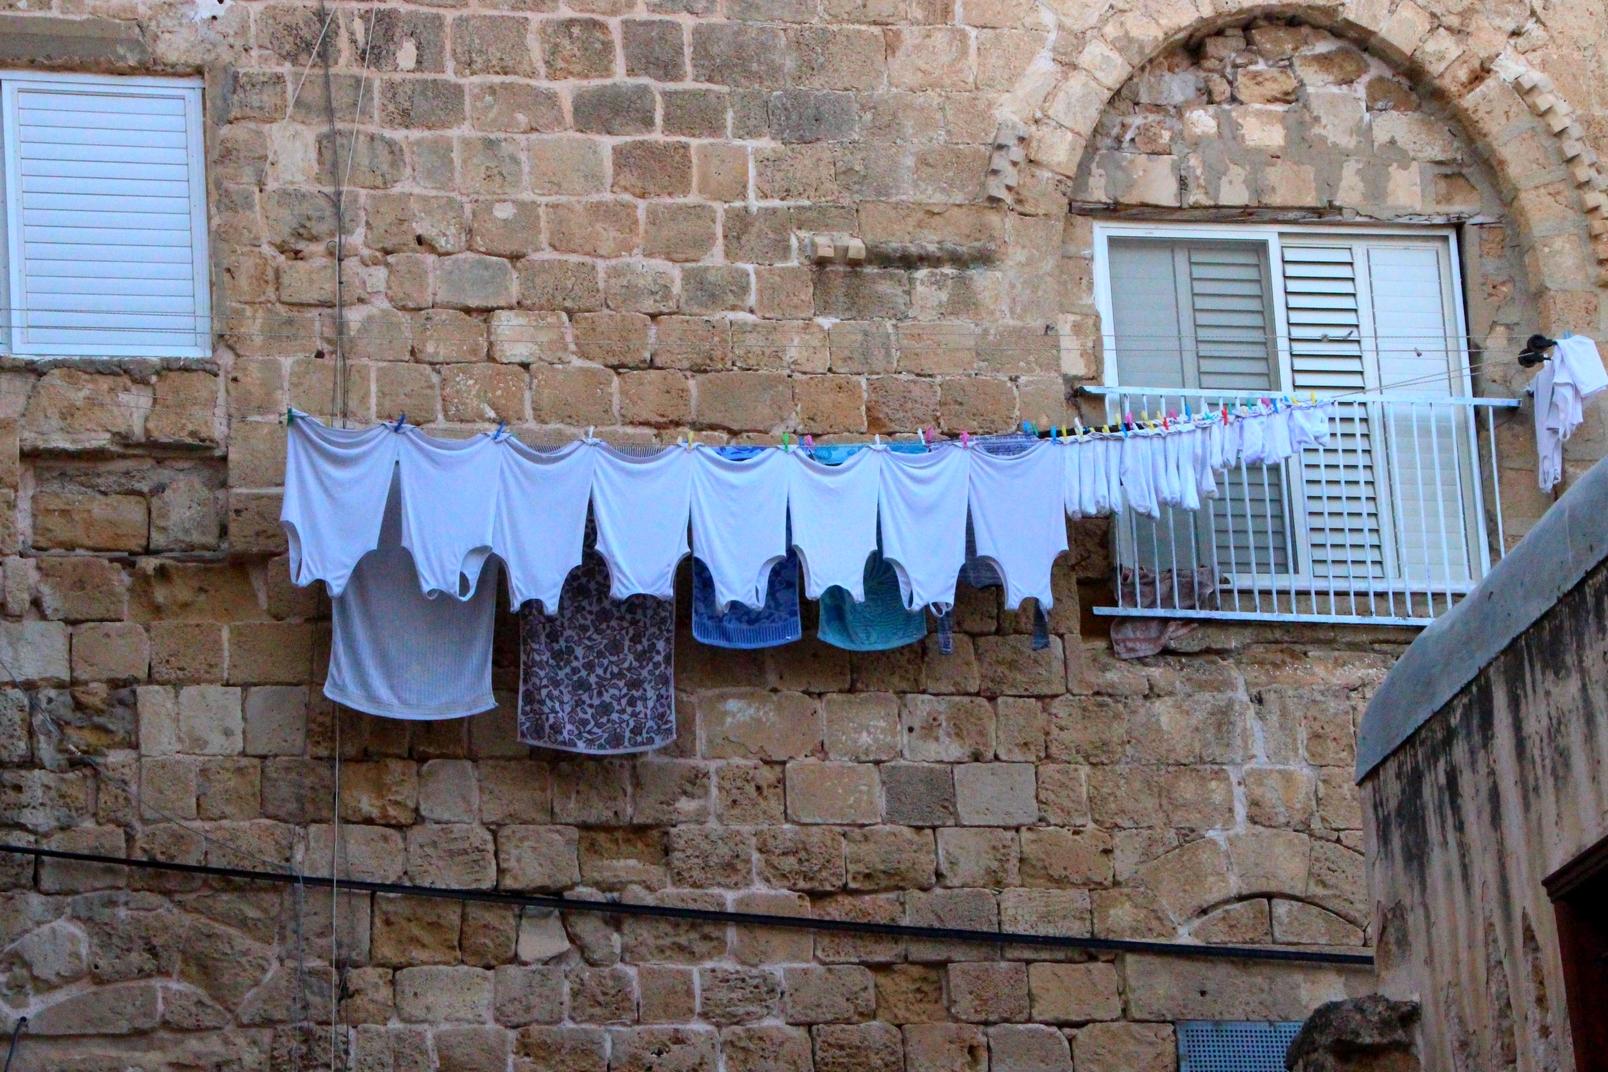 Israel - Linge étendu dans les rues de Saint Jean d'Acre - Akko